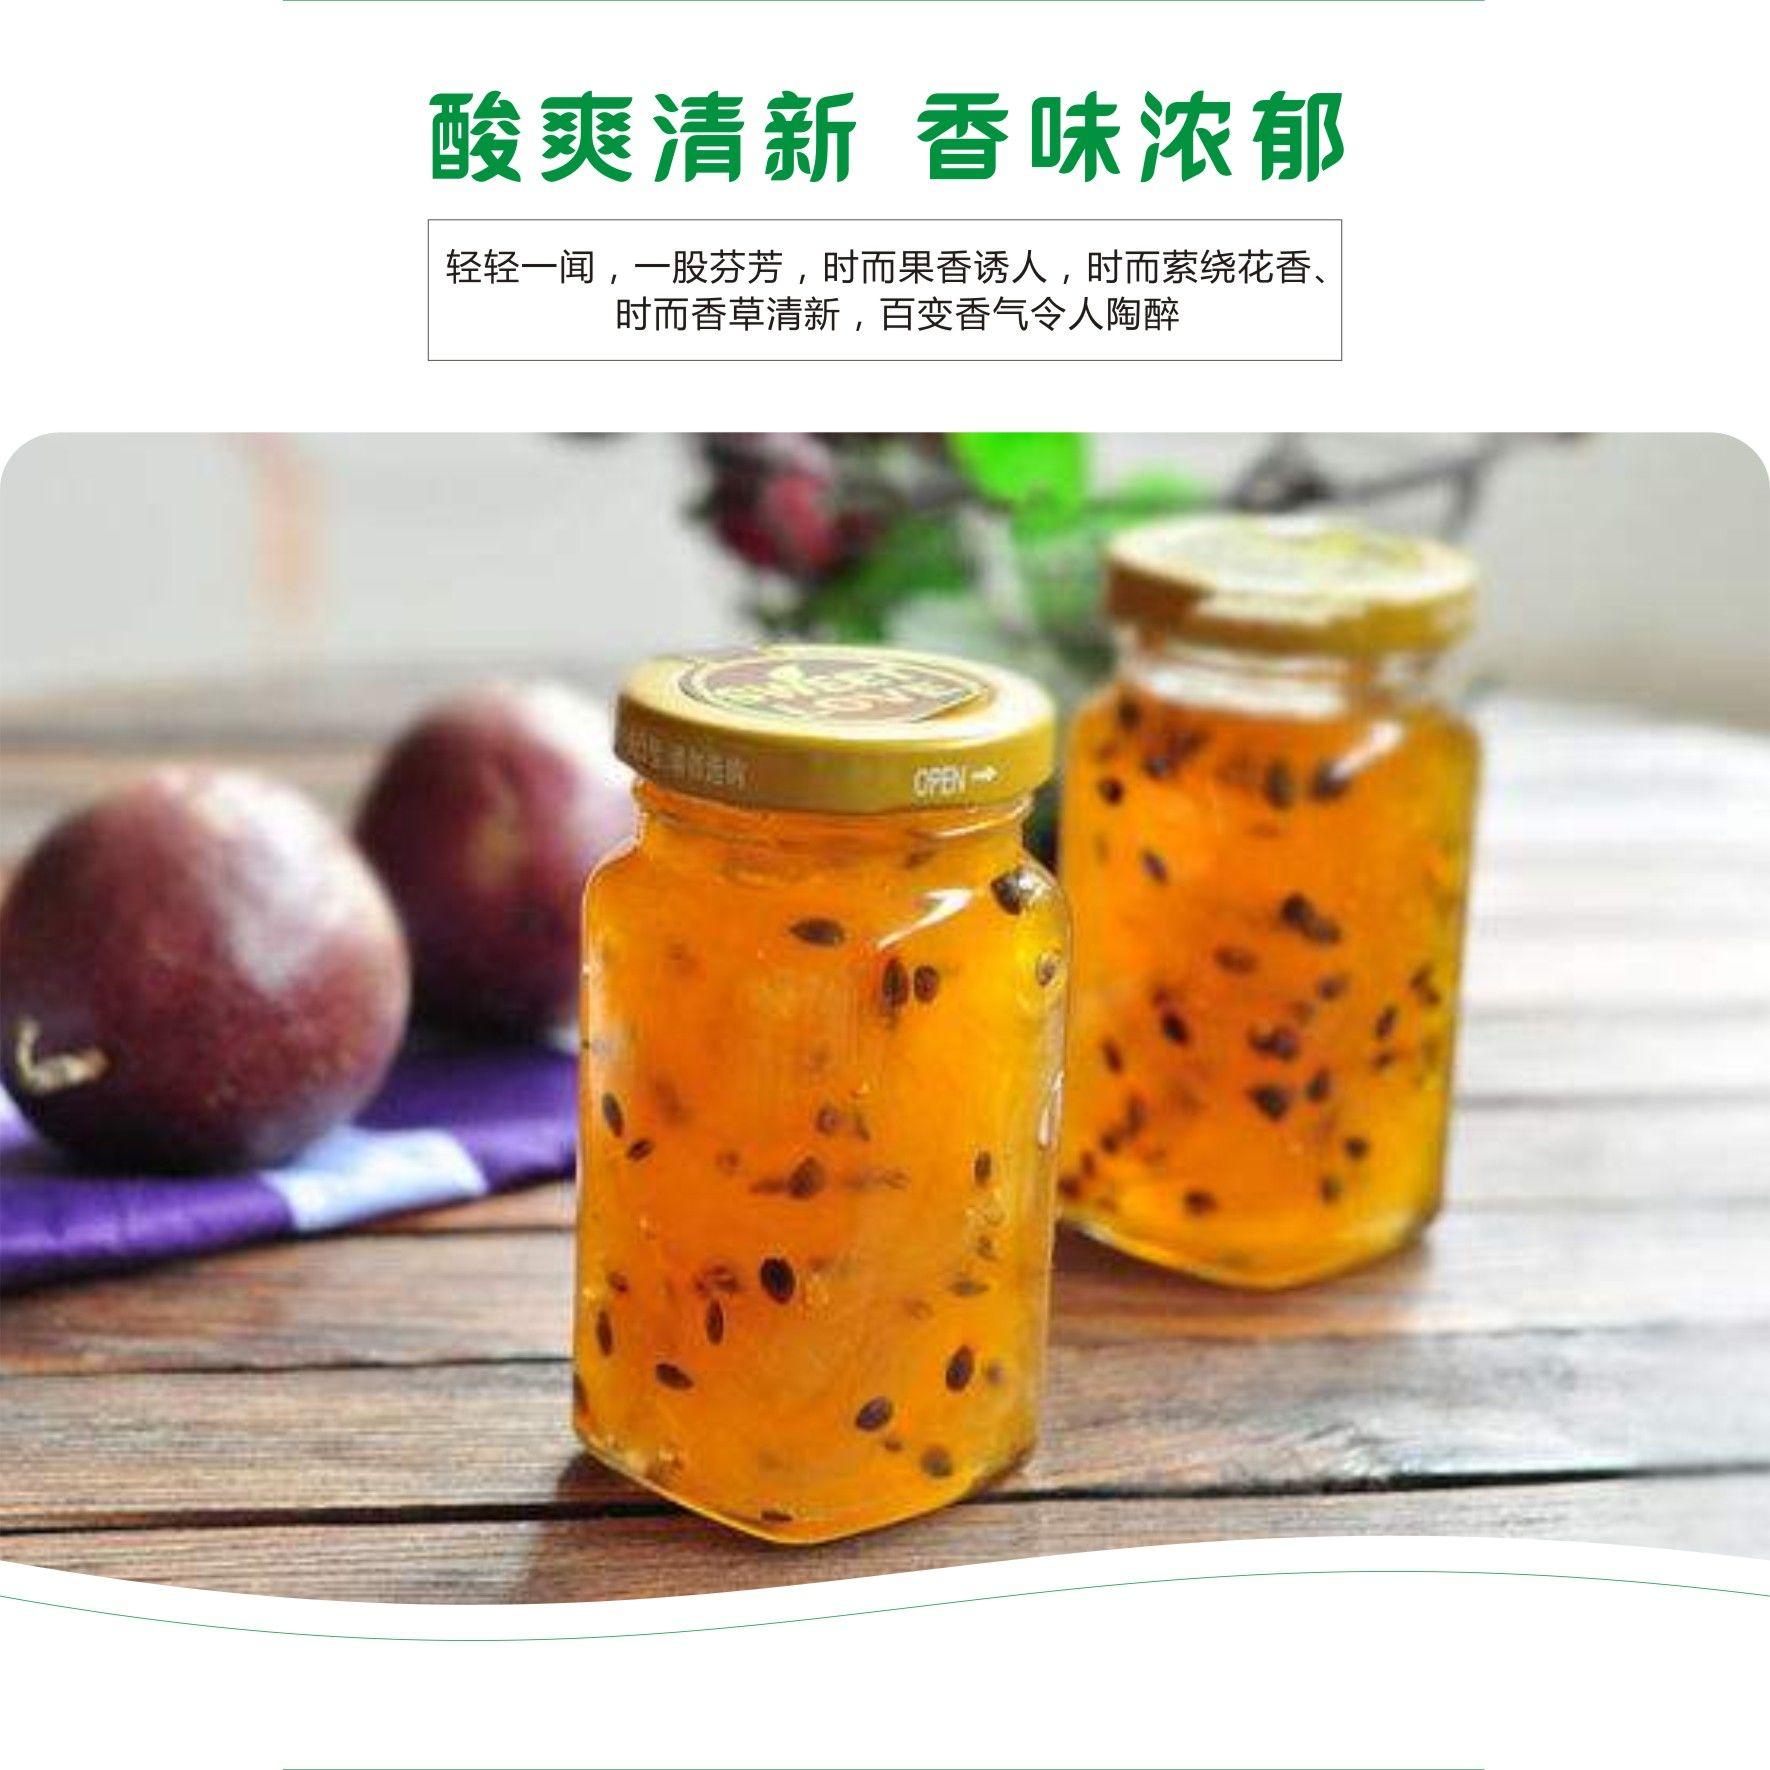 广西百香果热带水果精选中大果1.5/3/5斤大果60-90克中果40-55克